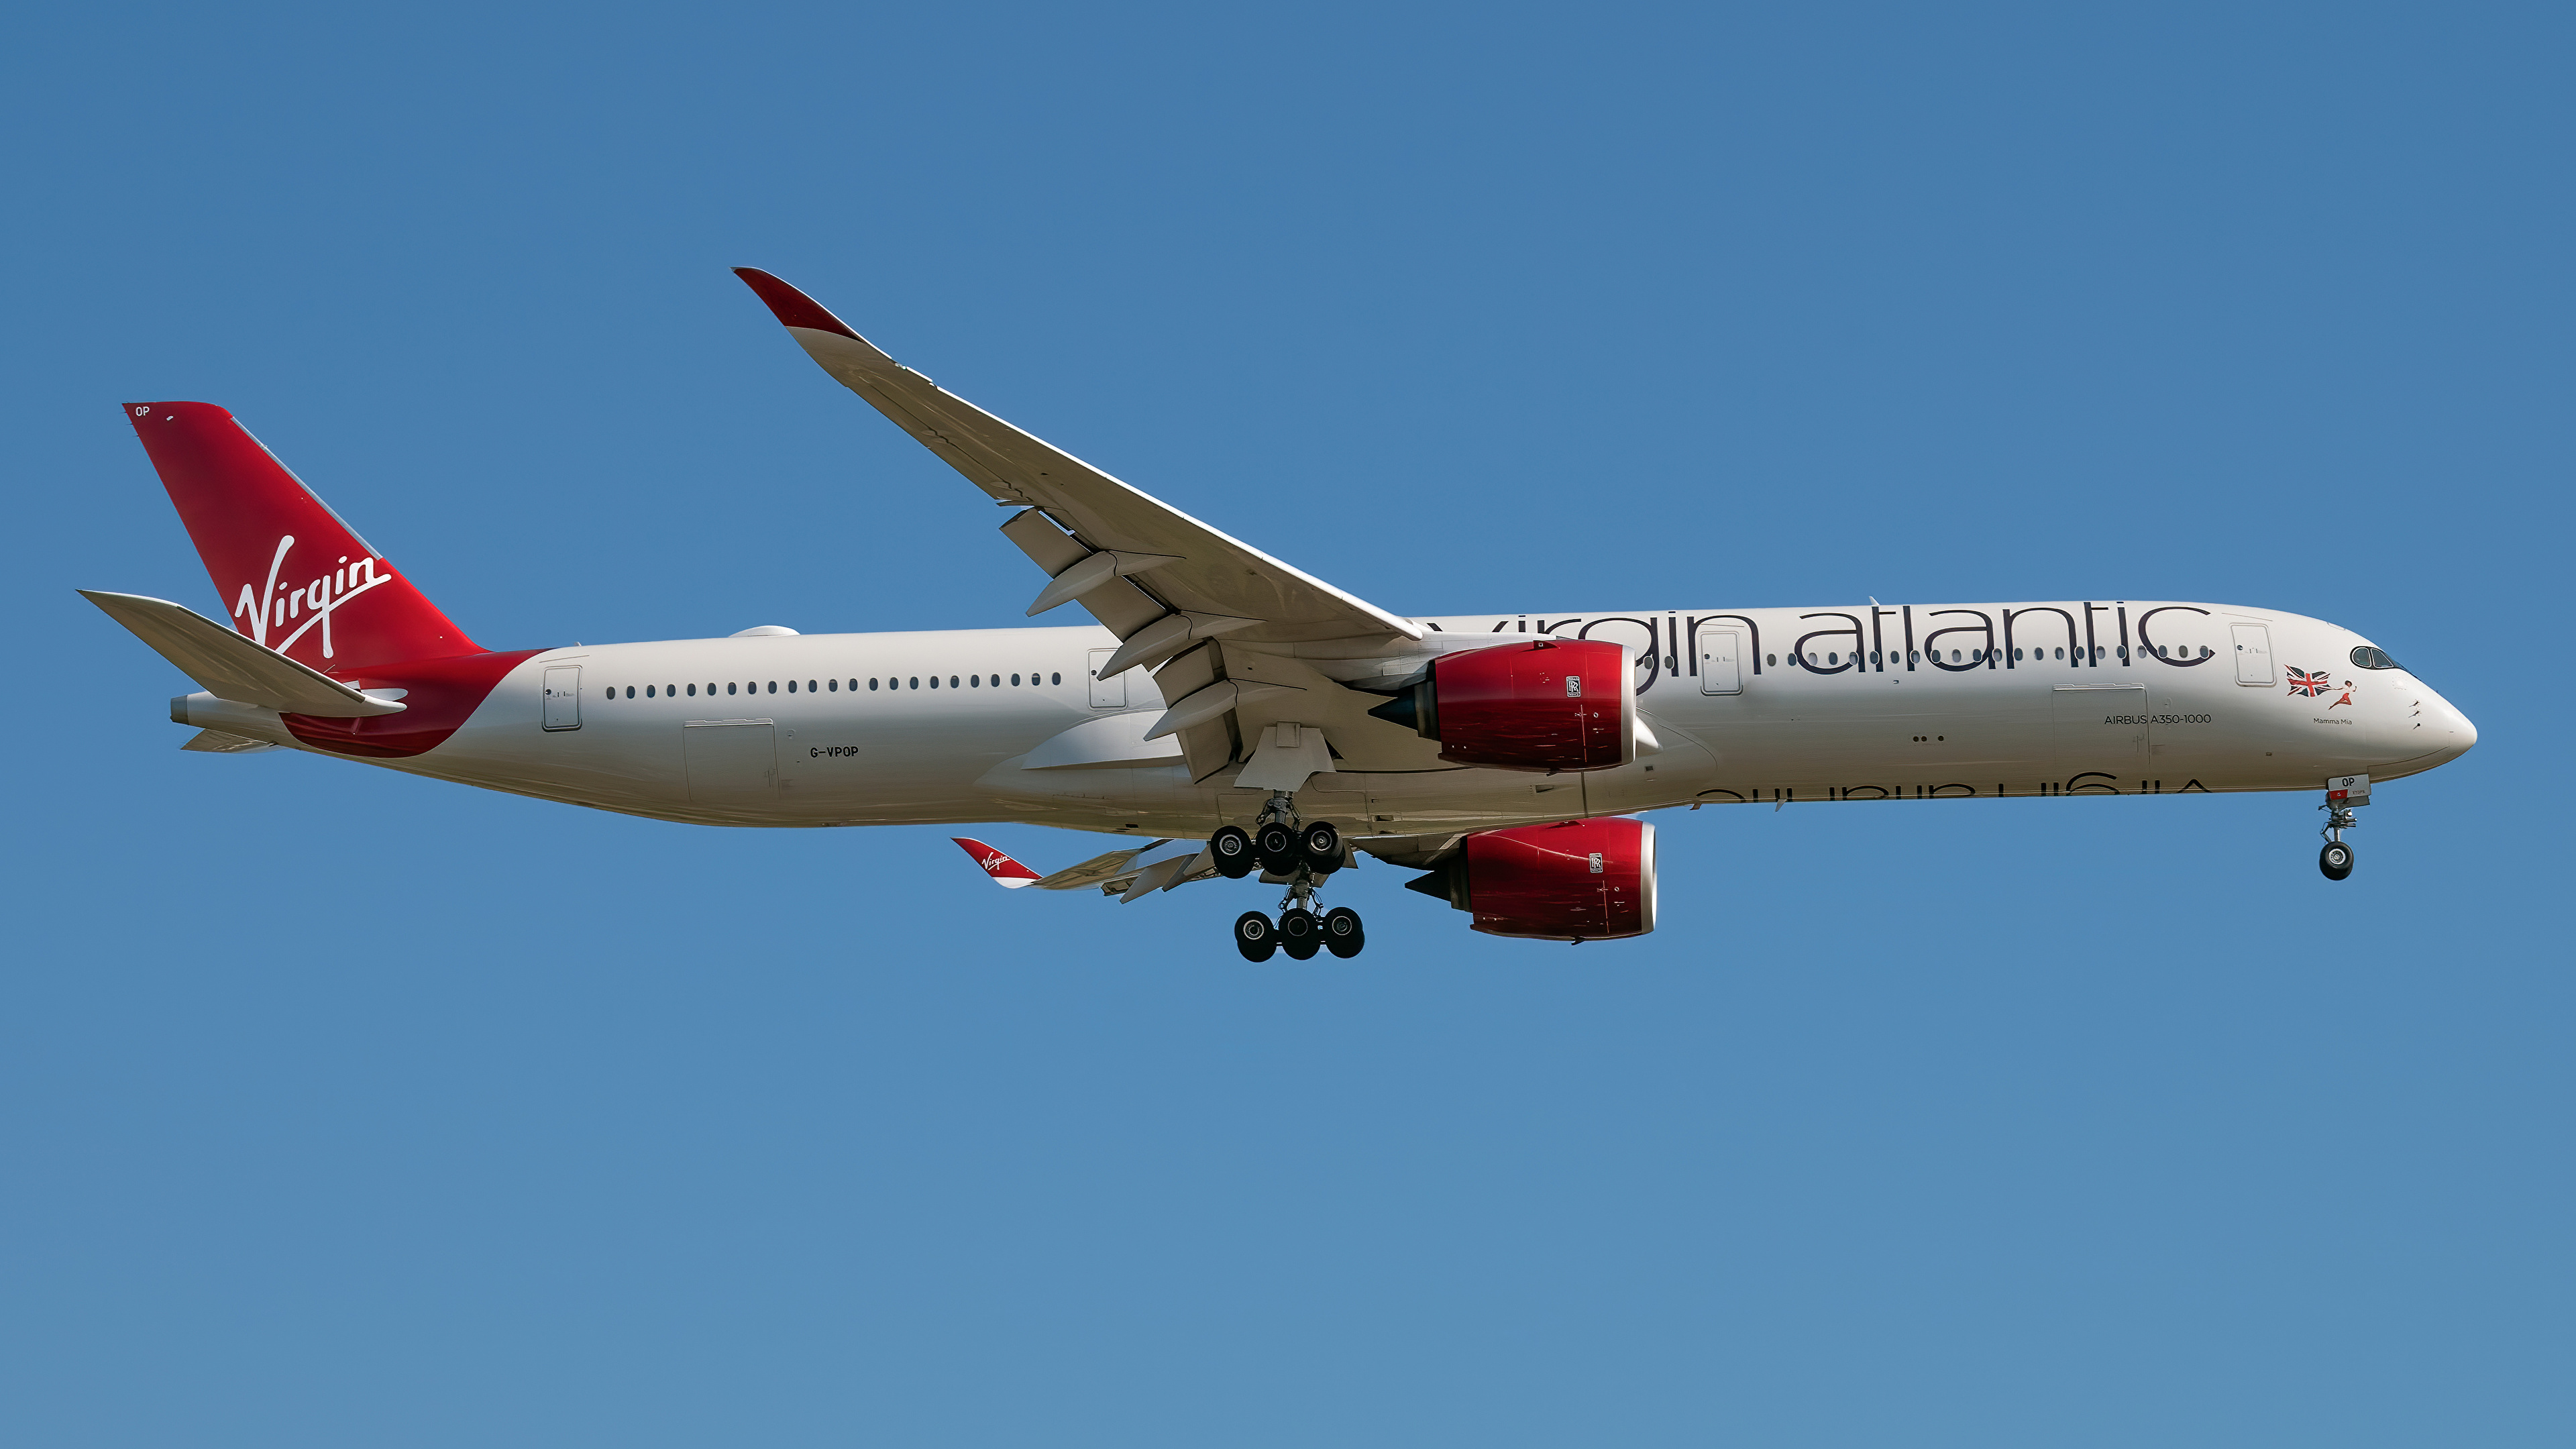 Фотографии Эйрбас Самолеты Пассажирские Самолеты A350-1000, Virgin Atlantic Сбоку Авиация 3840x2160 Airbus